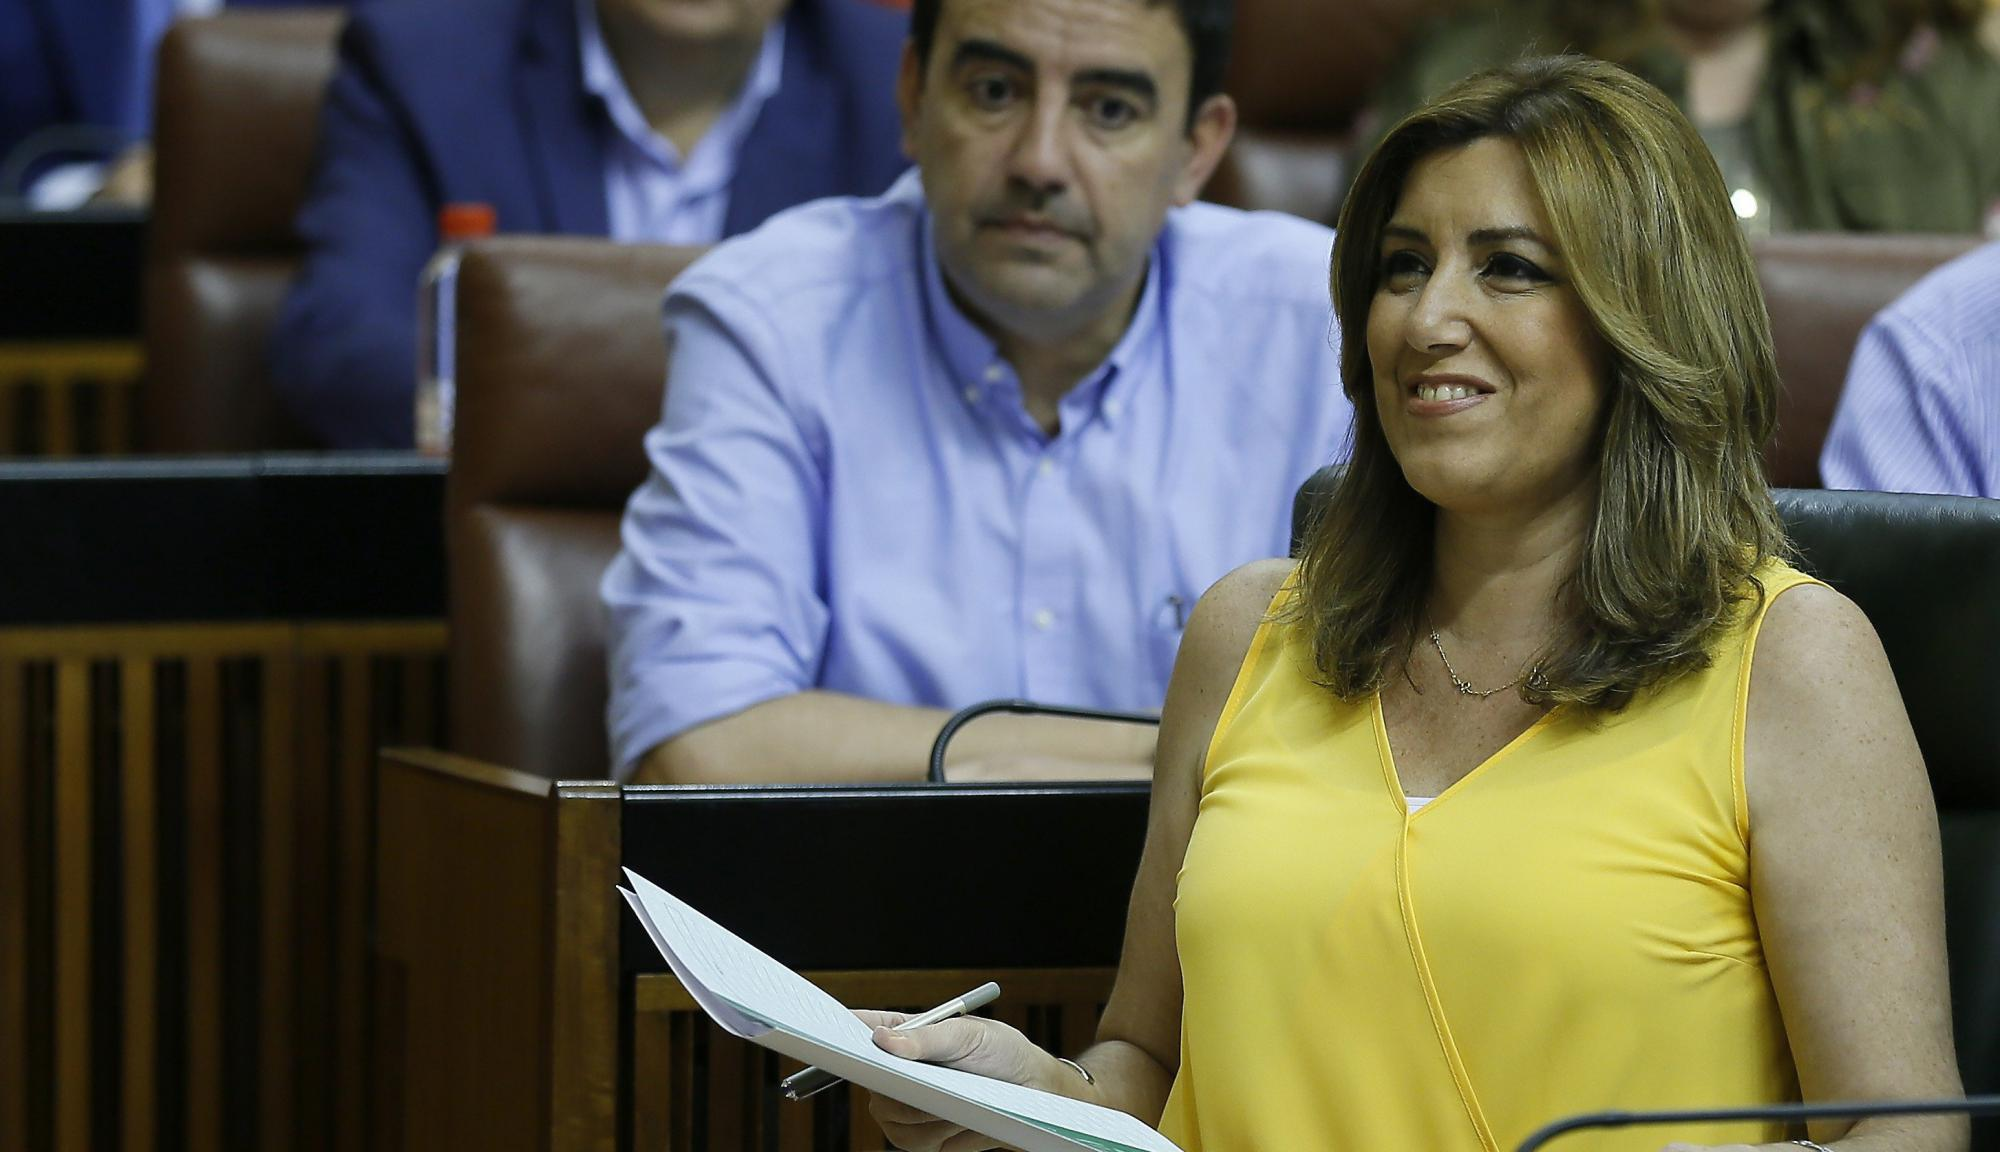 Crisis de gobierno en Andalucía: Díaz cambia a 5 de sus 12 consejeros